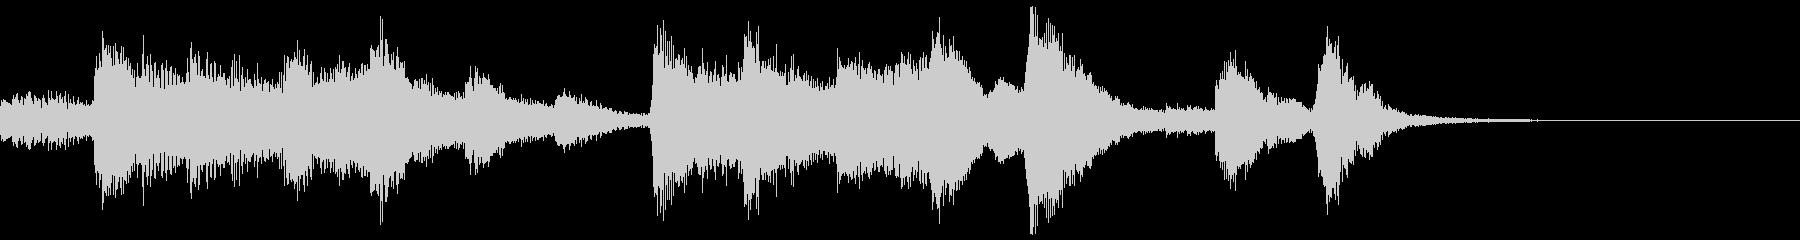 ハロウィン系ジングル4の未再生の波形